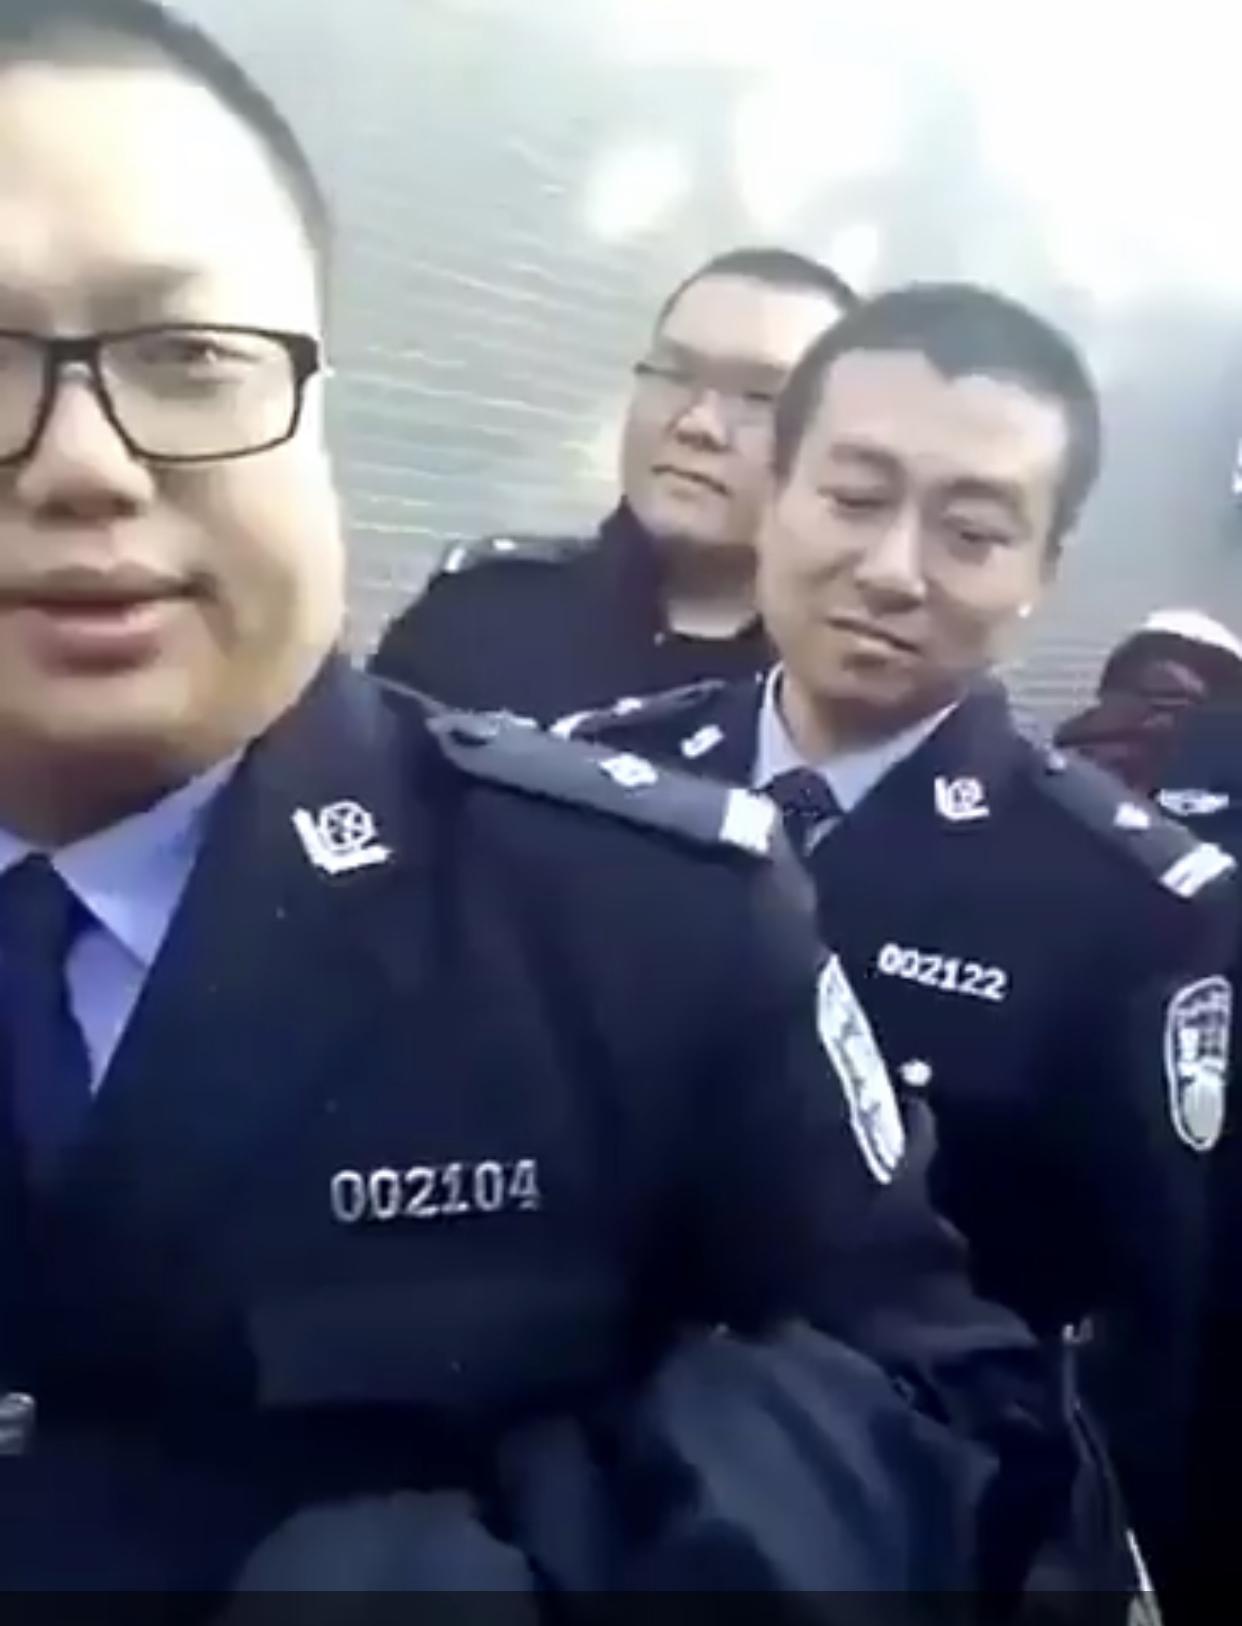 警察北京上訪 網友:不同情